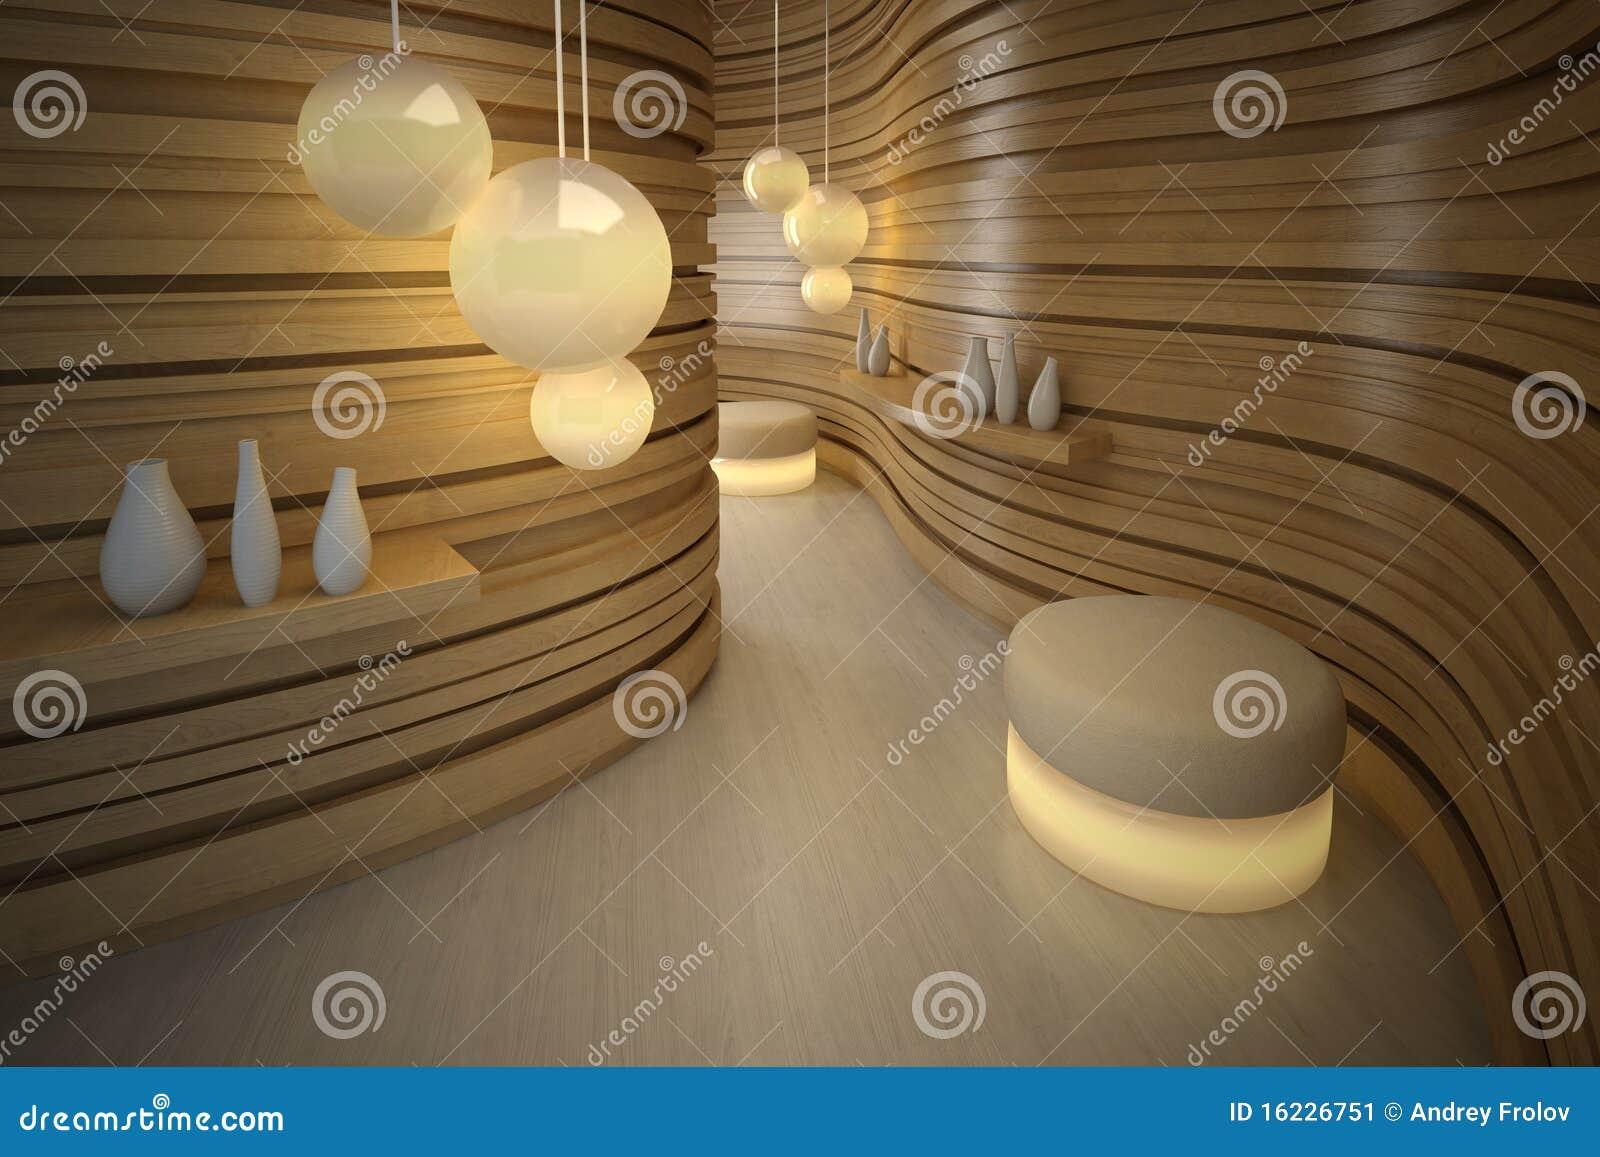 Pouffe van de verlichting in moderne ruimte. Het binnenland van het ontwerp